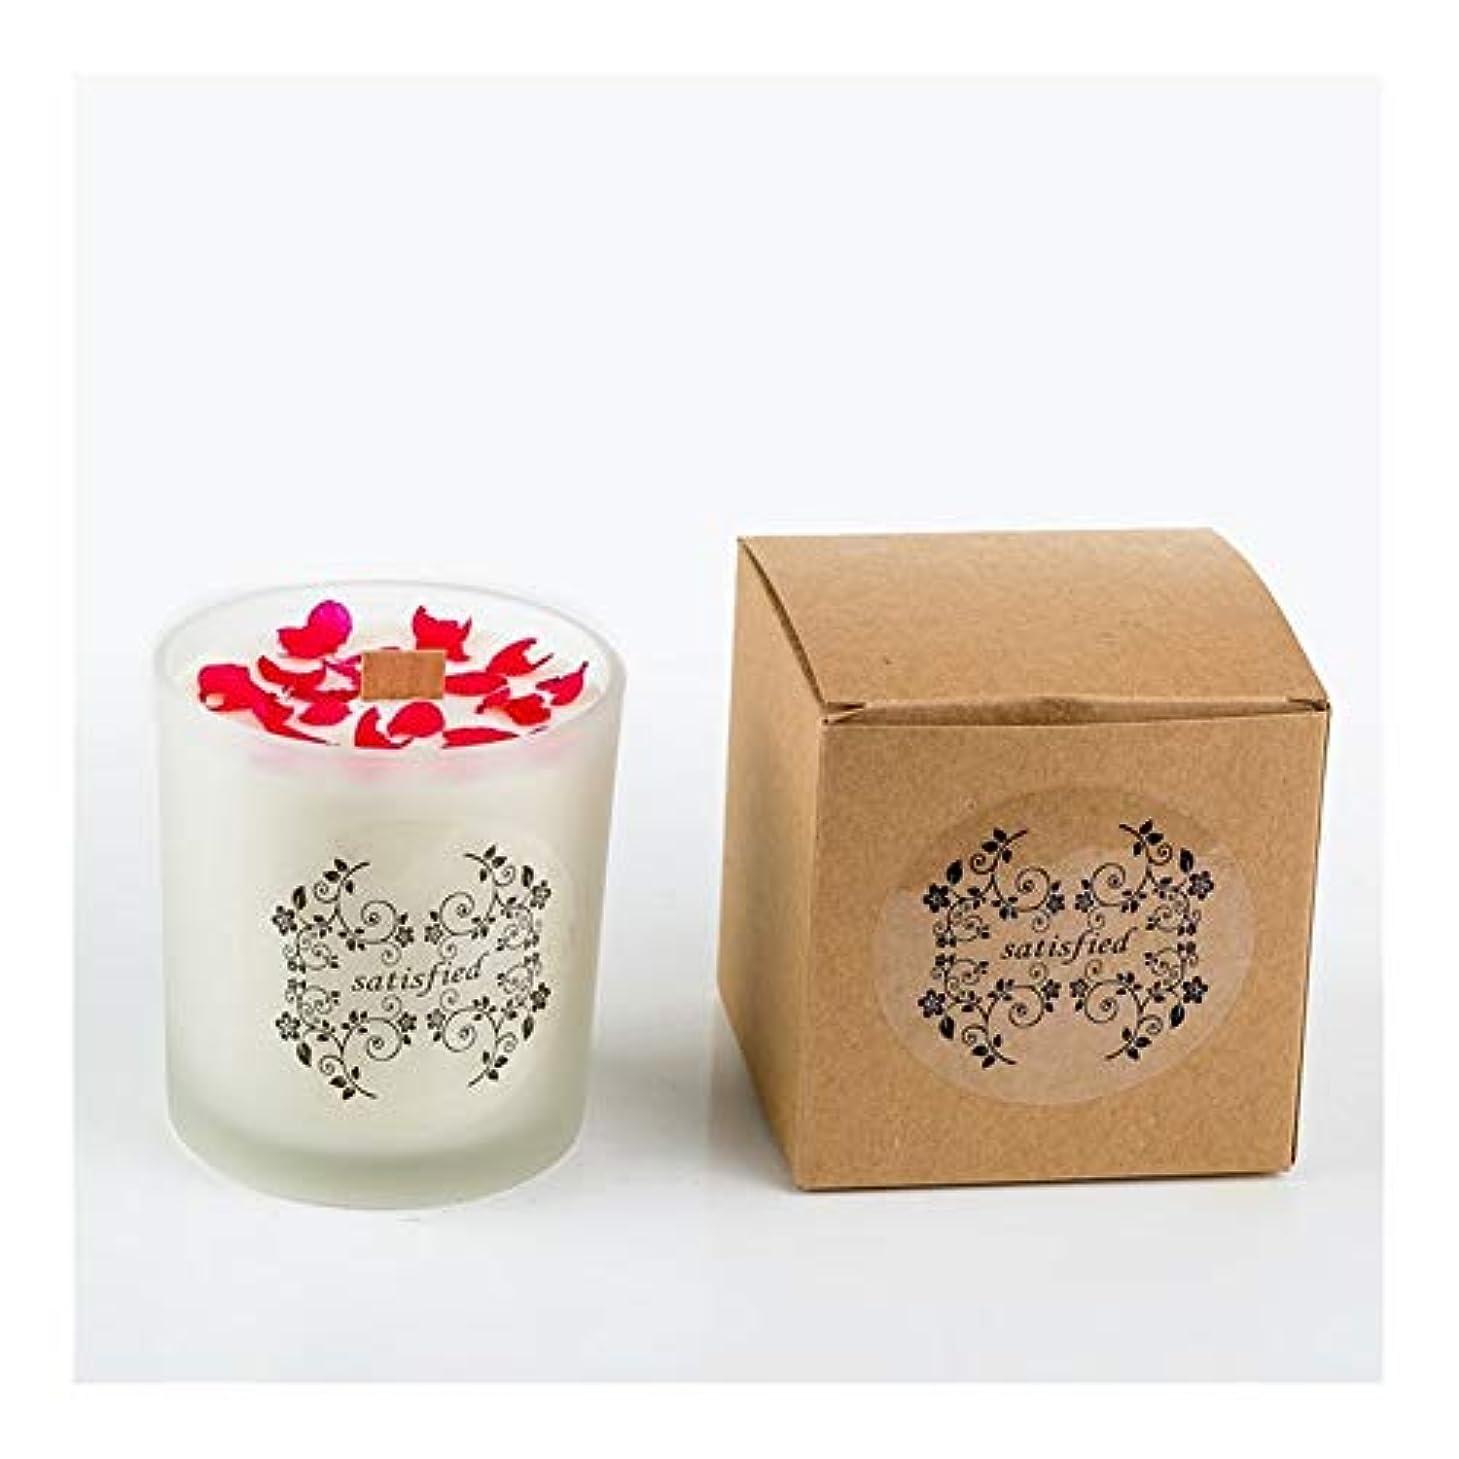 道に迷いました悩む水差しACAO ロマンチックな香りのキャンドルエッセンシャルオイル大豆ワックスガラスアロマセラピーロマンチックな誕生日ギフトの提案無煙の香り (色 : Xiang Xuelan)